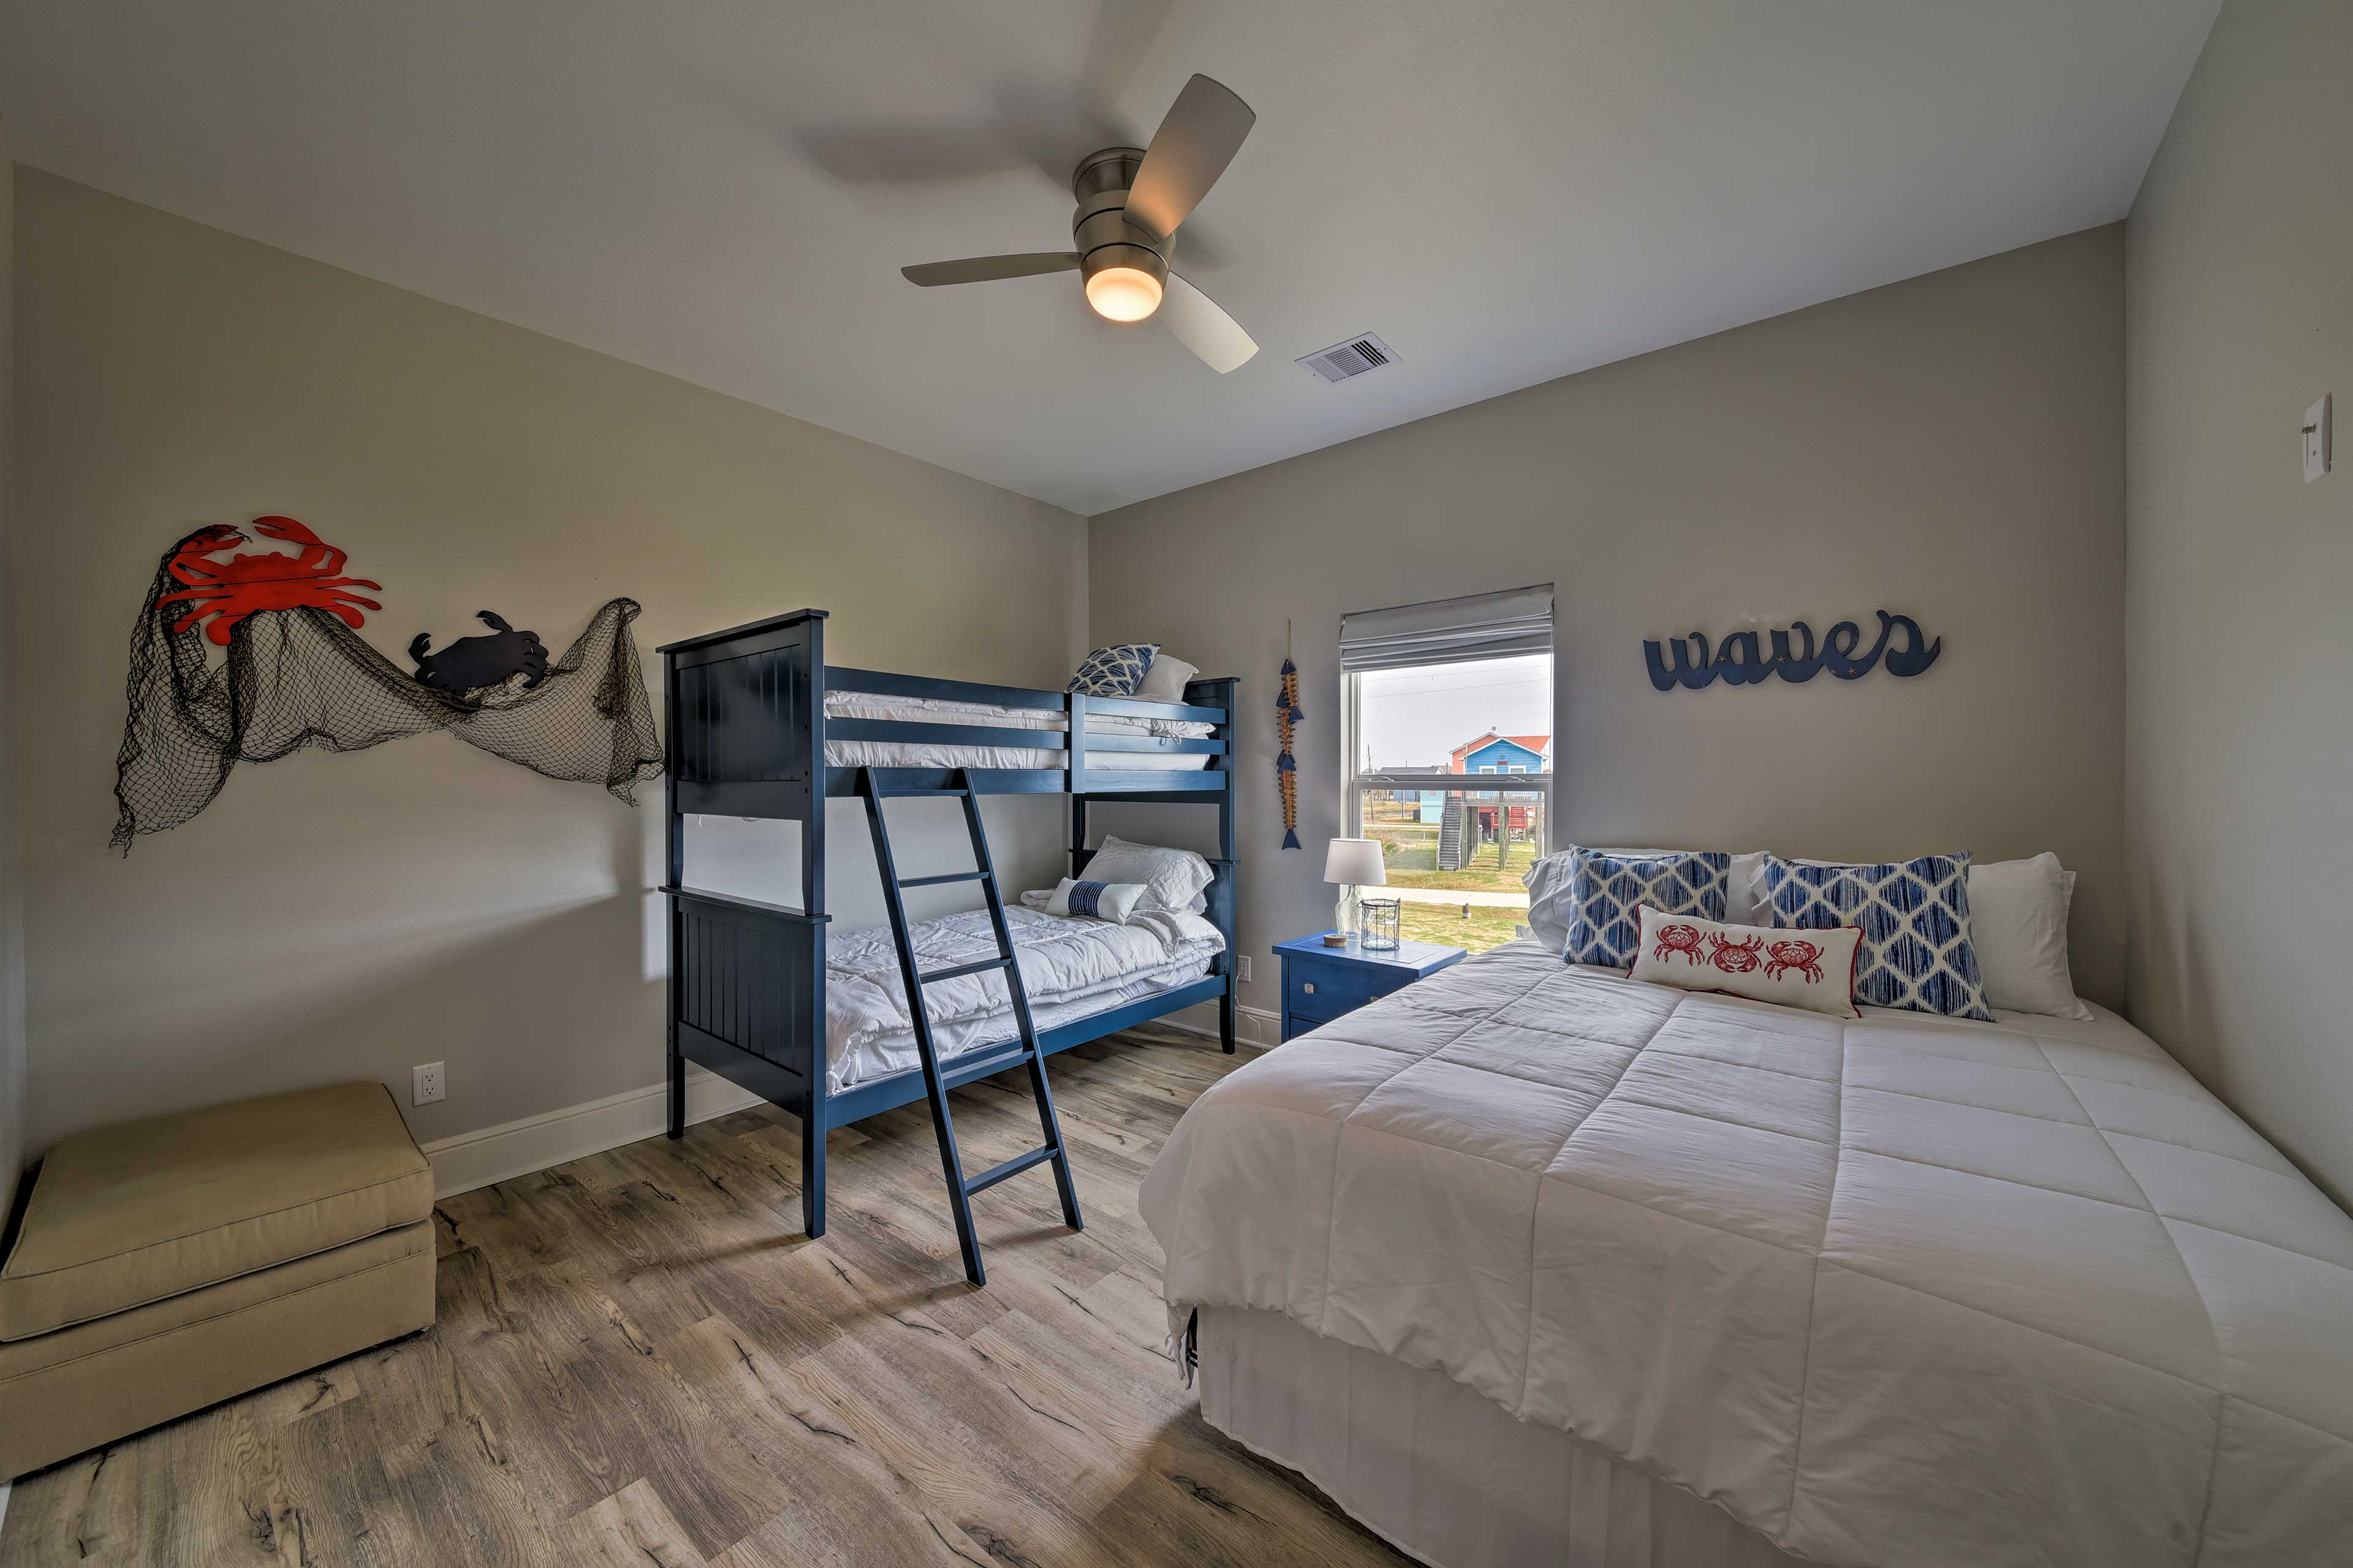 Bedroom 2 | Twin Bunk Bed, Queen Bed